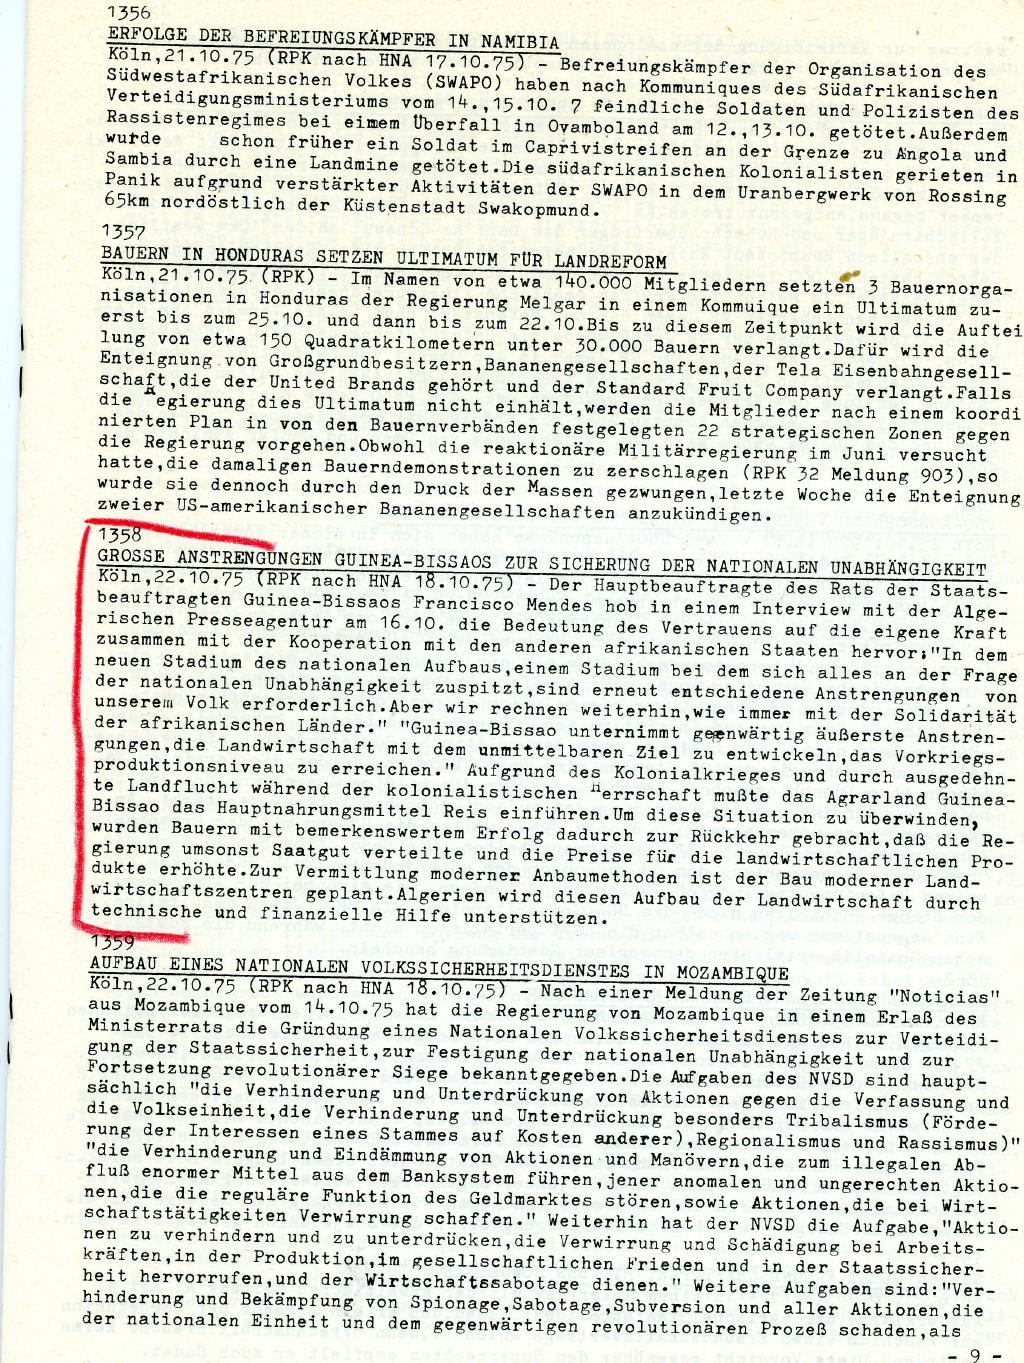 RPK_Pressedienst_1975_49_09